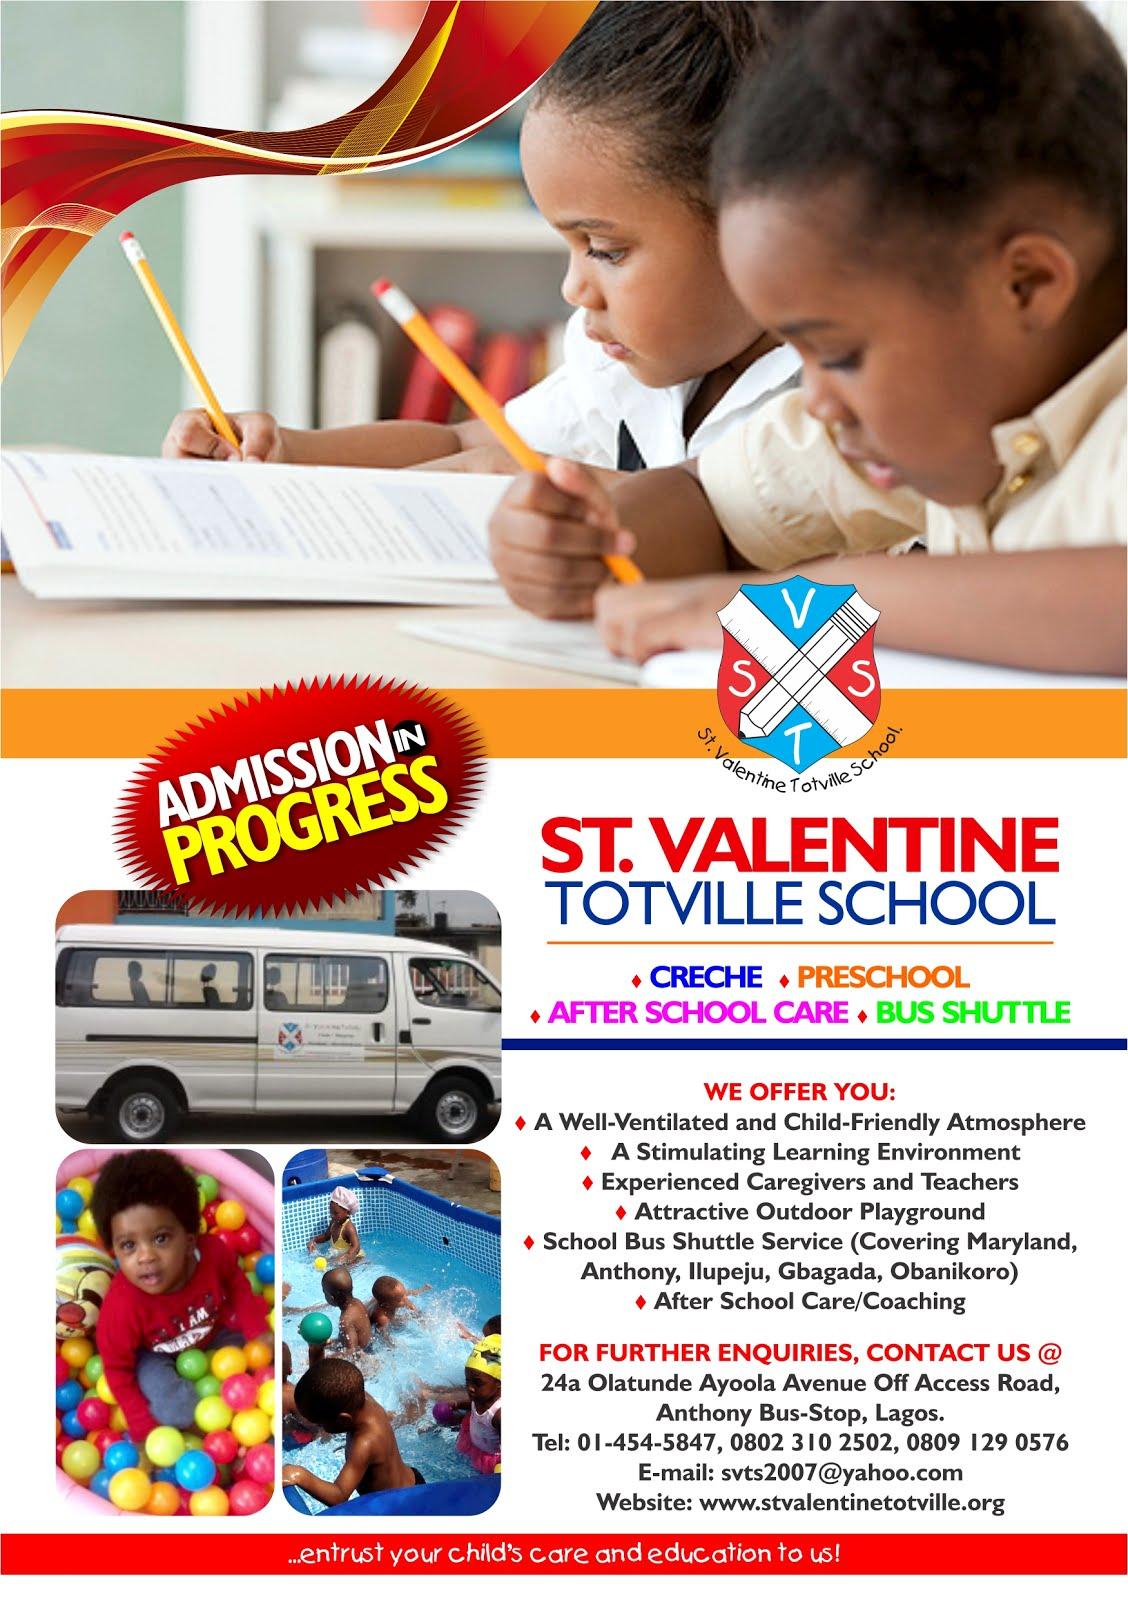 ST.VALENTINE TOTVILLE SCHOOL